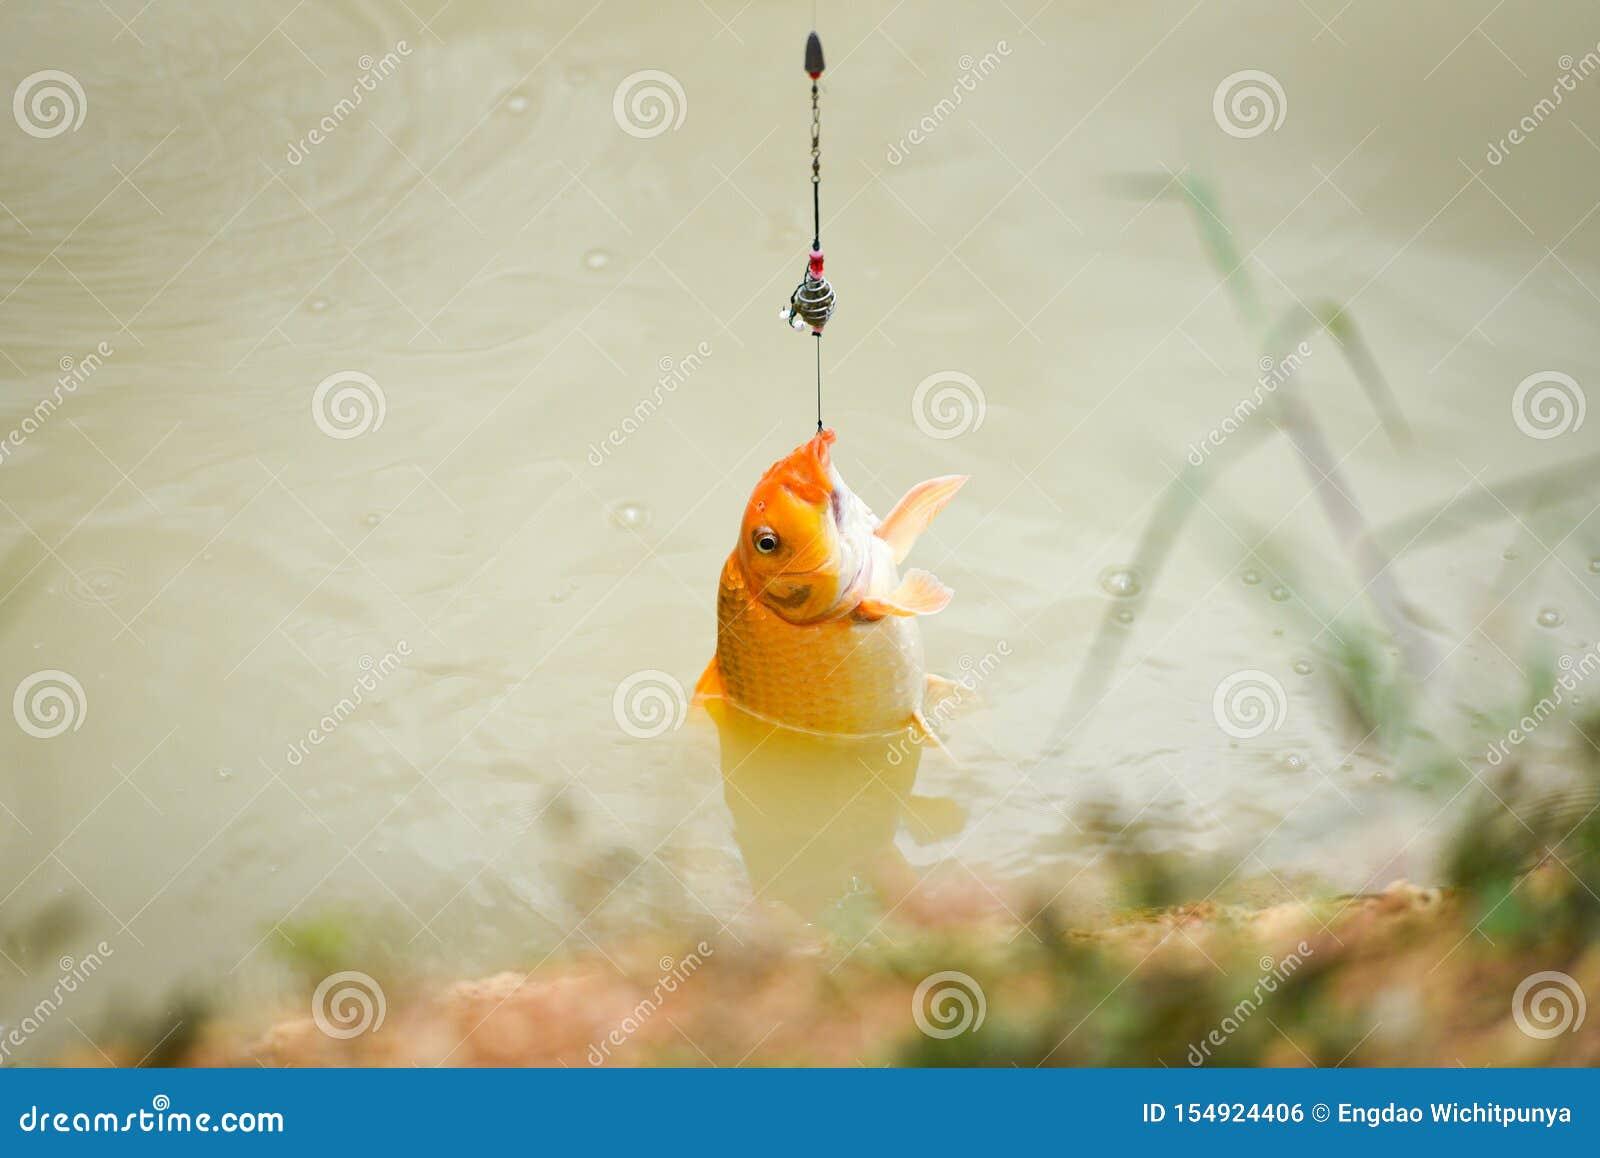 Gancio di pesca sul fiume - pescatore della pesca con la mosca che tira fuori dalla fine del filatore su sparata di un amo subacq